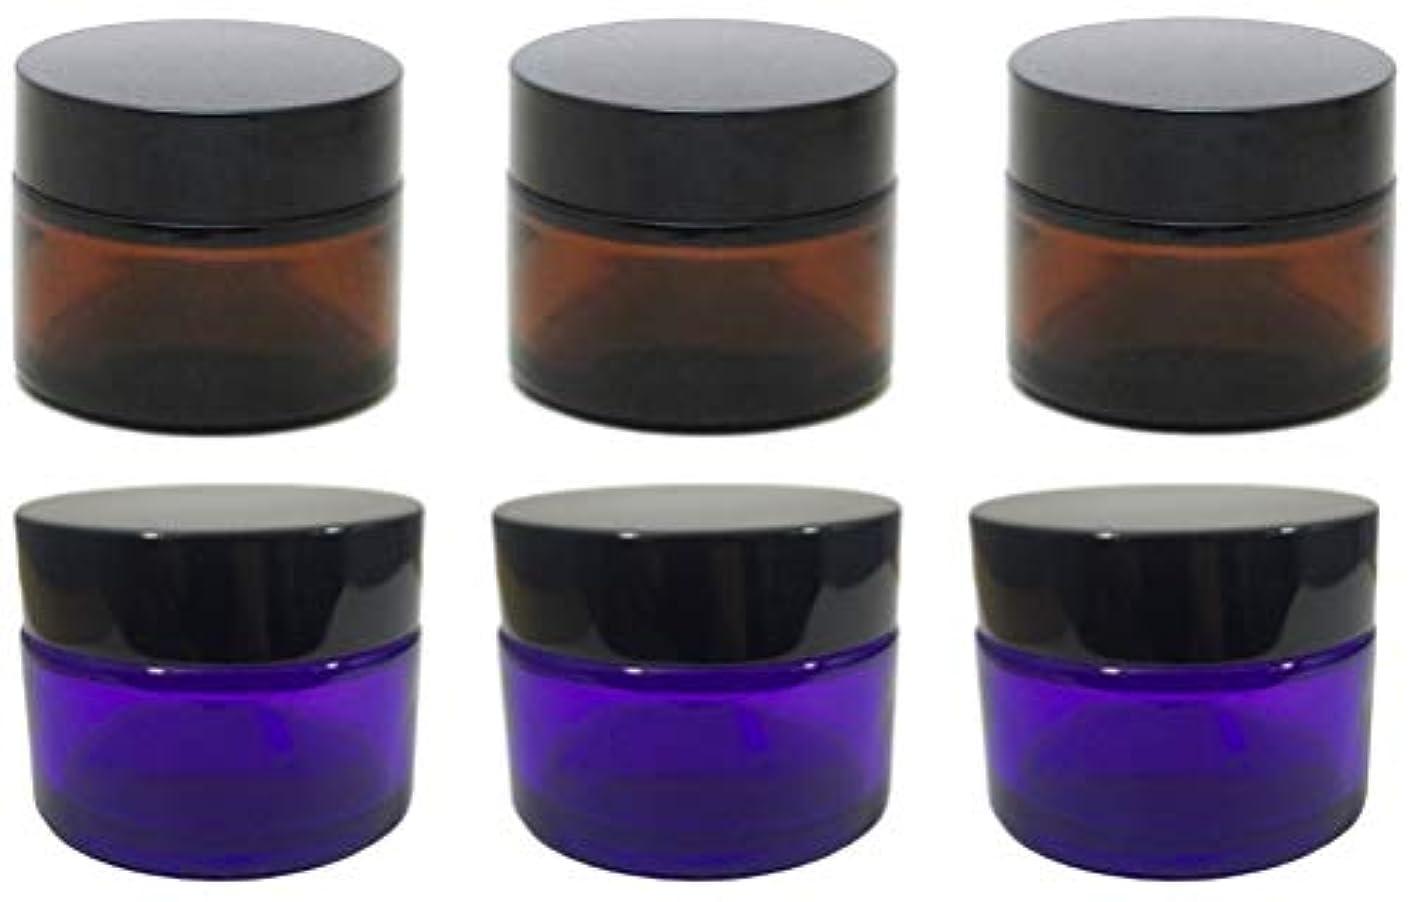 解体する警告するサーバント[SP] クリーム容器 クリームケース 遮光ジャー 詰め替えボトル ハンドクリーム アロマ 遮光瓶 ガラス 保存20g 6個セット